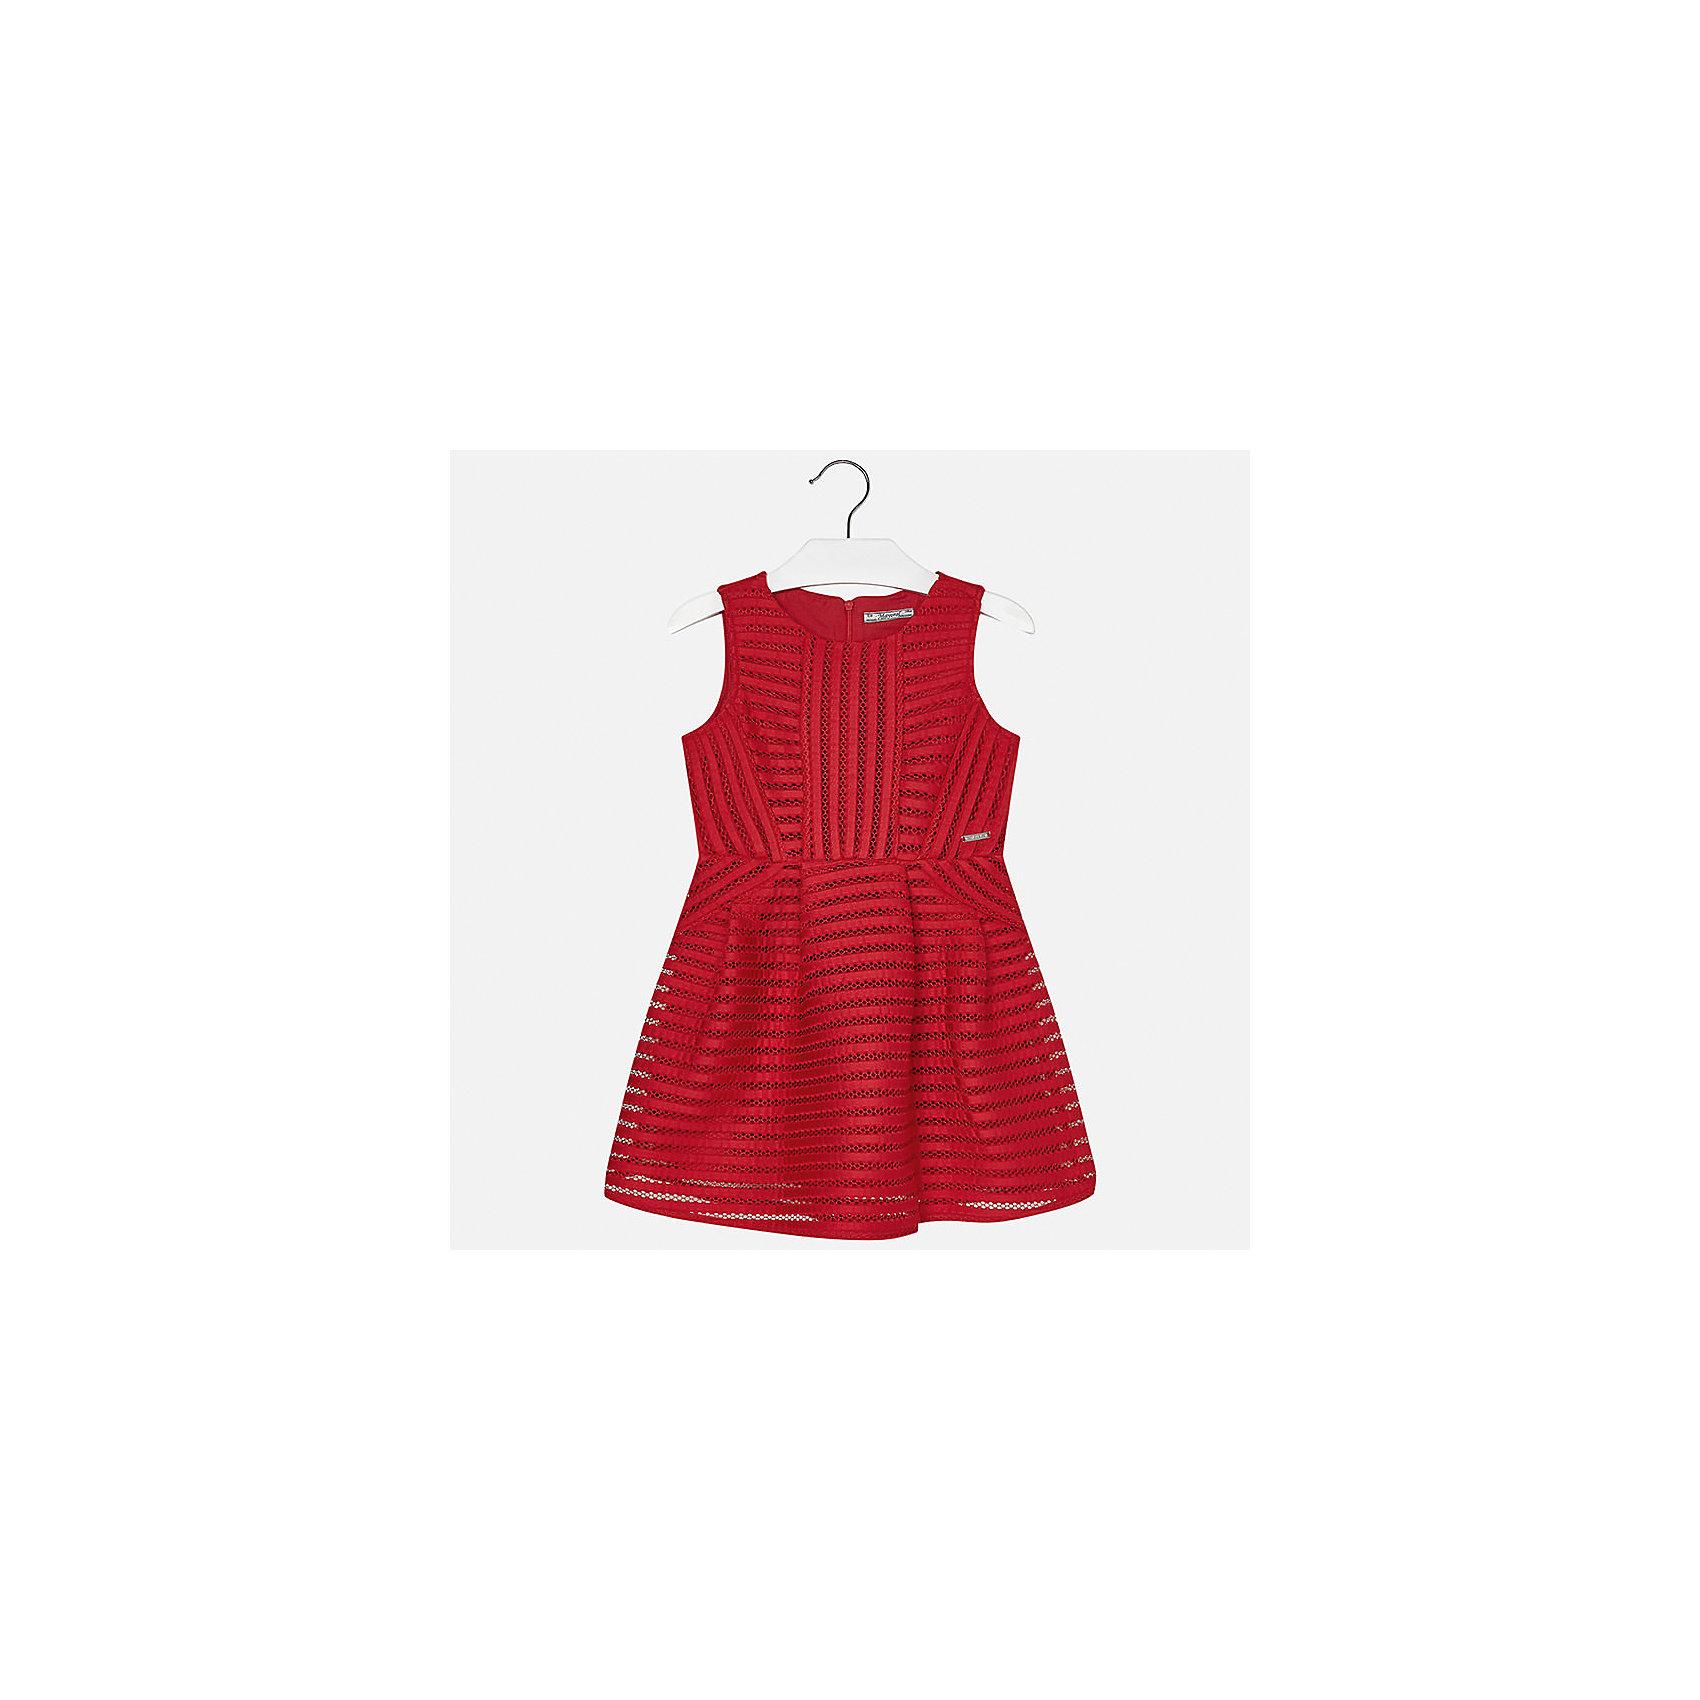 Платье для девочки MayoralОдежда<br>Характеристики товара:<br><br>• цвет: красный<br>• состав: 100% полиэстер, подкладка - 100% полиэстер<br>• застежка: молния<br>• приталенное<br>• без рукавов<br>• с подкладкой<br>• страна бренда: Испания<br><br>Нарядное платье для девочки поможет разнообразить гардероб ребенка и создать эффектный наряд. Оно подойдет для различных случаев. Платье хорошо сидит по фигуре.<br><br>Платье для девочки от испанского бренда Mayoral (Майорал) можно купить в нашем интернет-магазине.<br><br>Ширина мм: 236<br>Глубина мм: 16<br>Высота мм: 184<br>Вес г: 177<br>Цвет: красный<br>Возраст от месяцев: 168<br>Возраст до месяцев: 180<br>Пол: Женский<br>Возраст: Детский<br>Размер: 170,128/134,140,152,158,164<br>SKU: 5293276